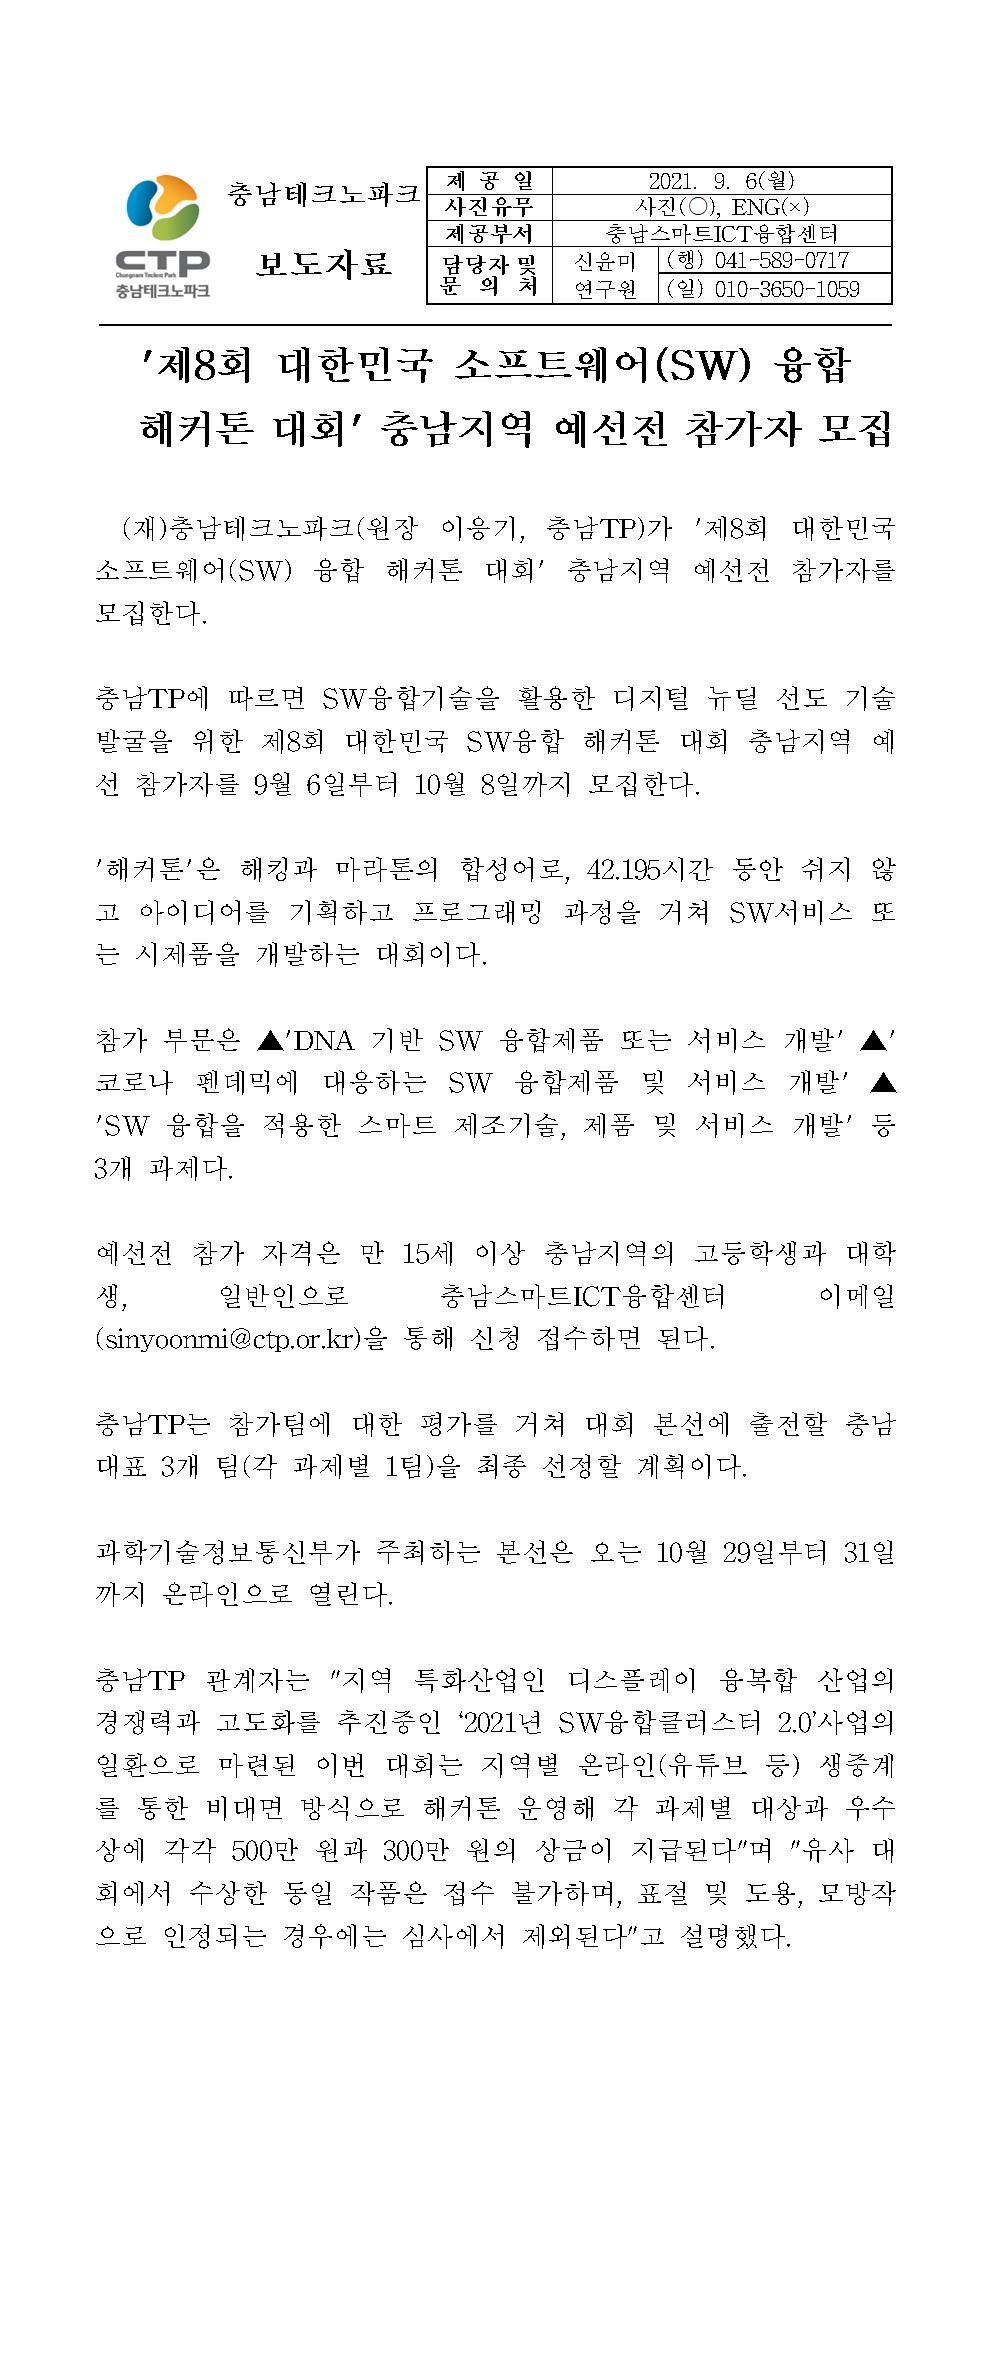 [충남스마트ICT융합센터] 해커톤 충남지역 예선 참가팀 모집기사.jpg